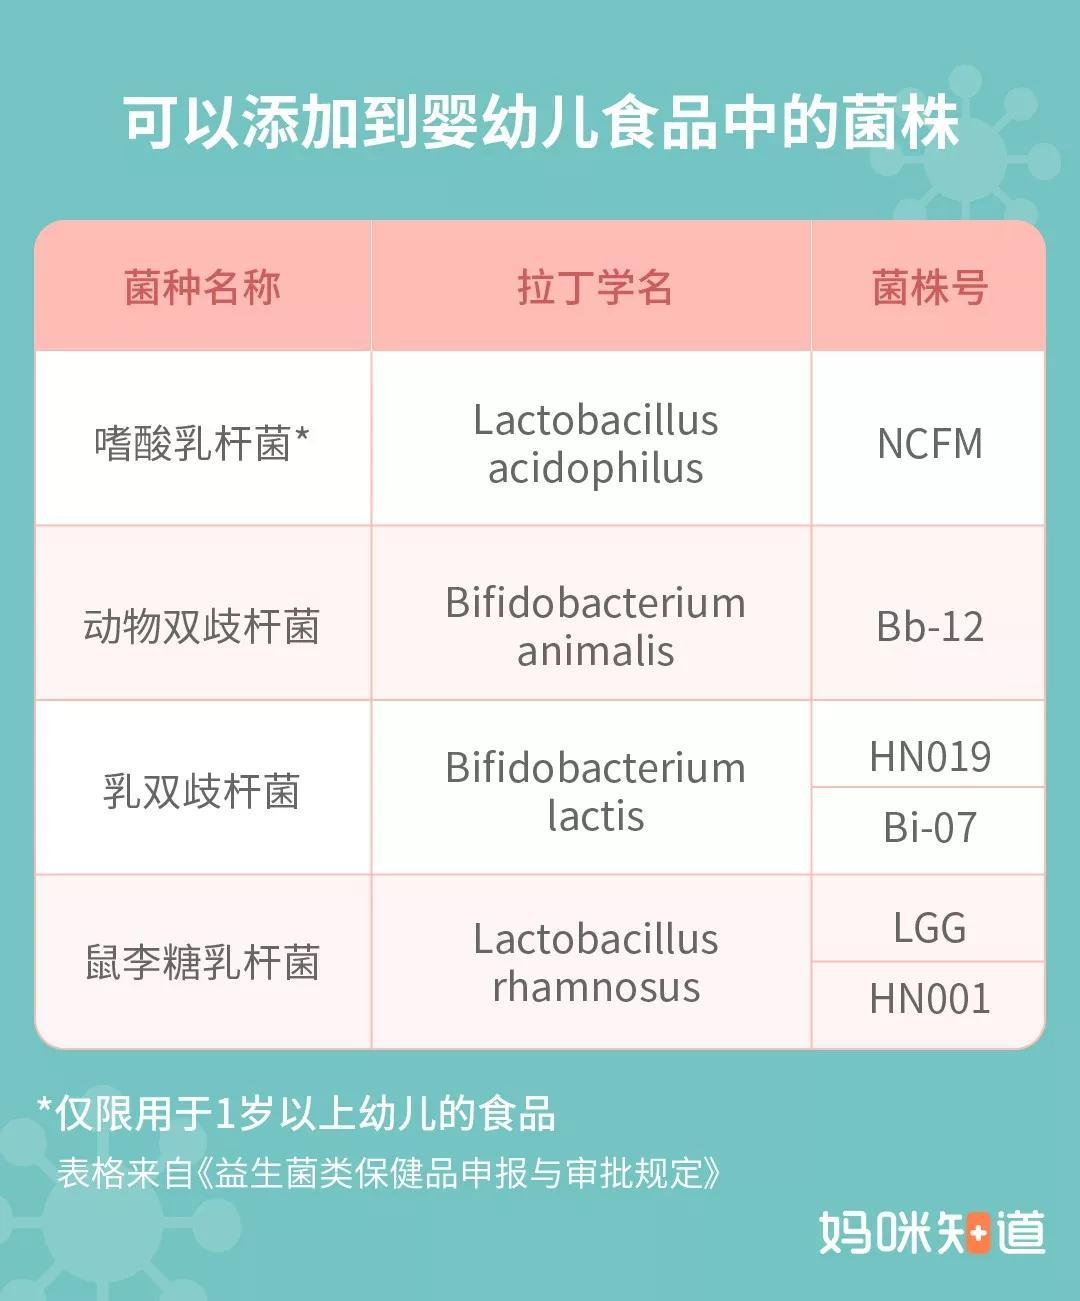 <b>妈咪知道:购买益生菌产品时,标签上没有这4种菌株的不要买!</b>